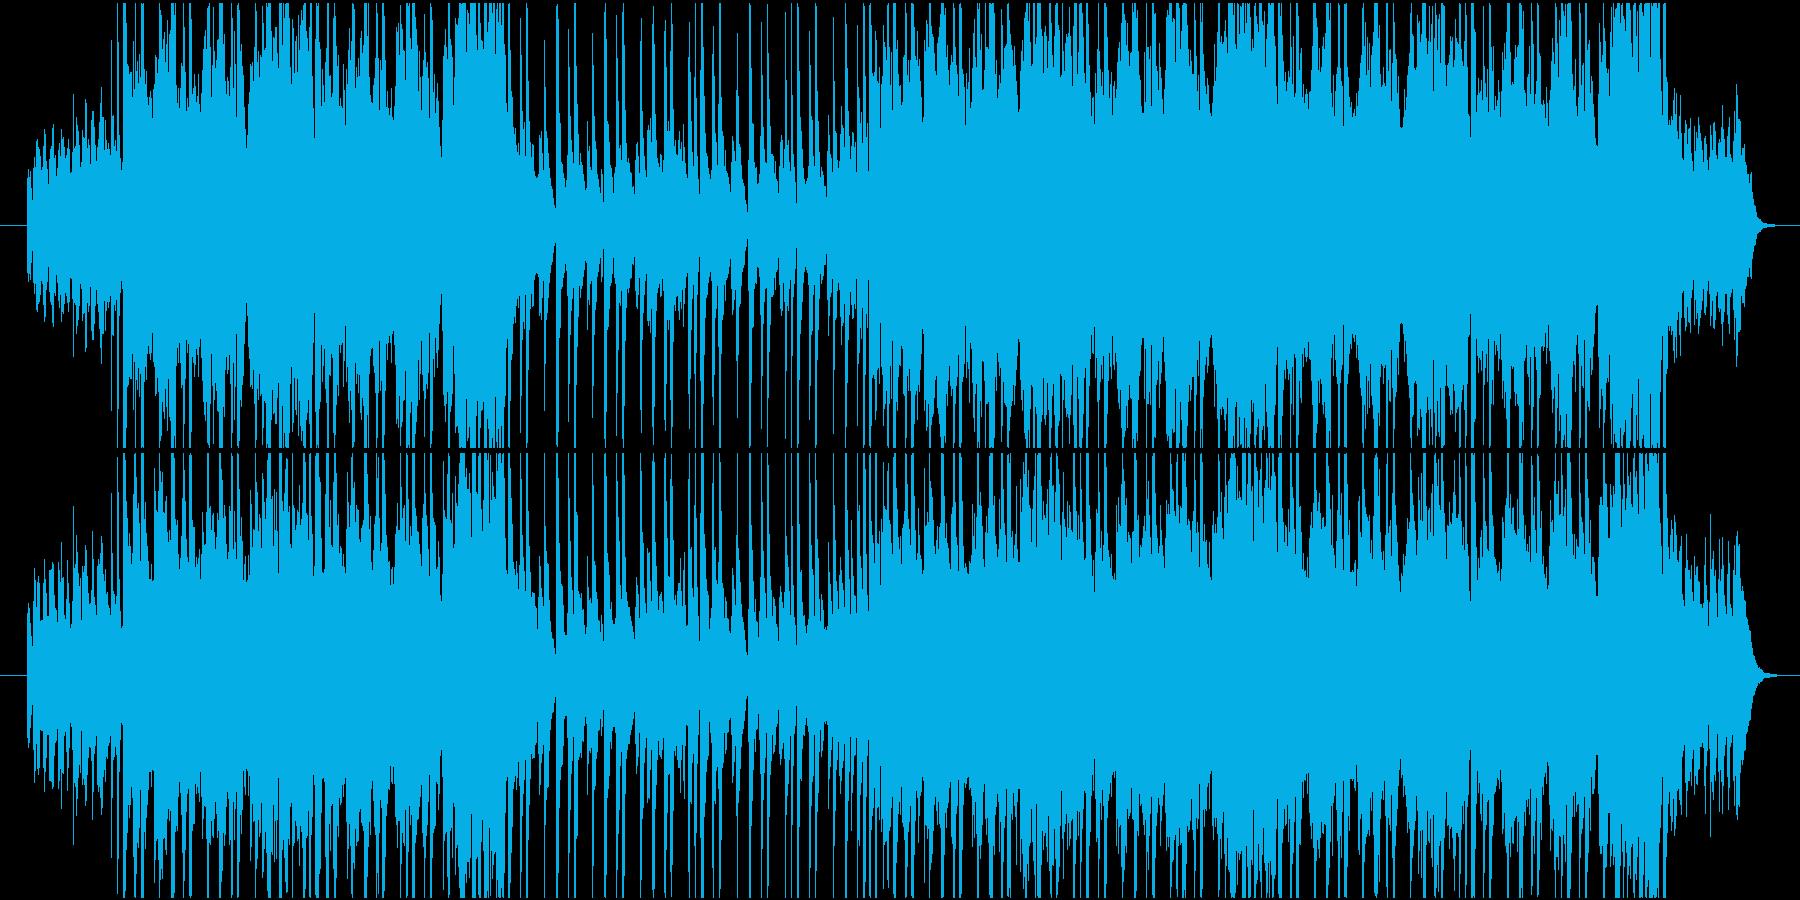 管・弦楽器をメインとした爽やかな楽曲の再生済みの波形